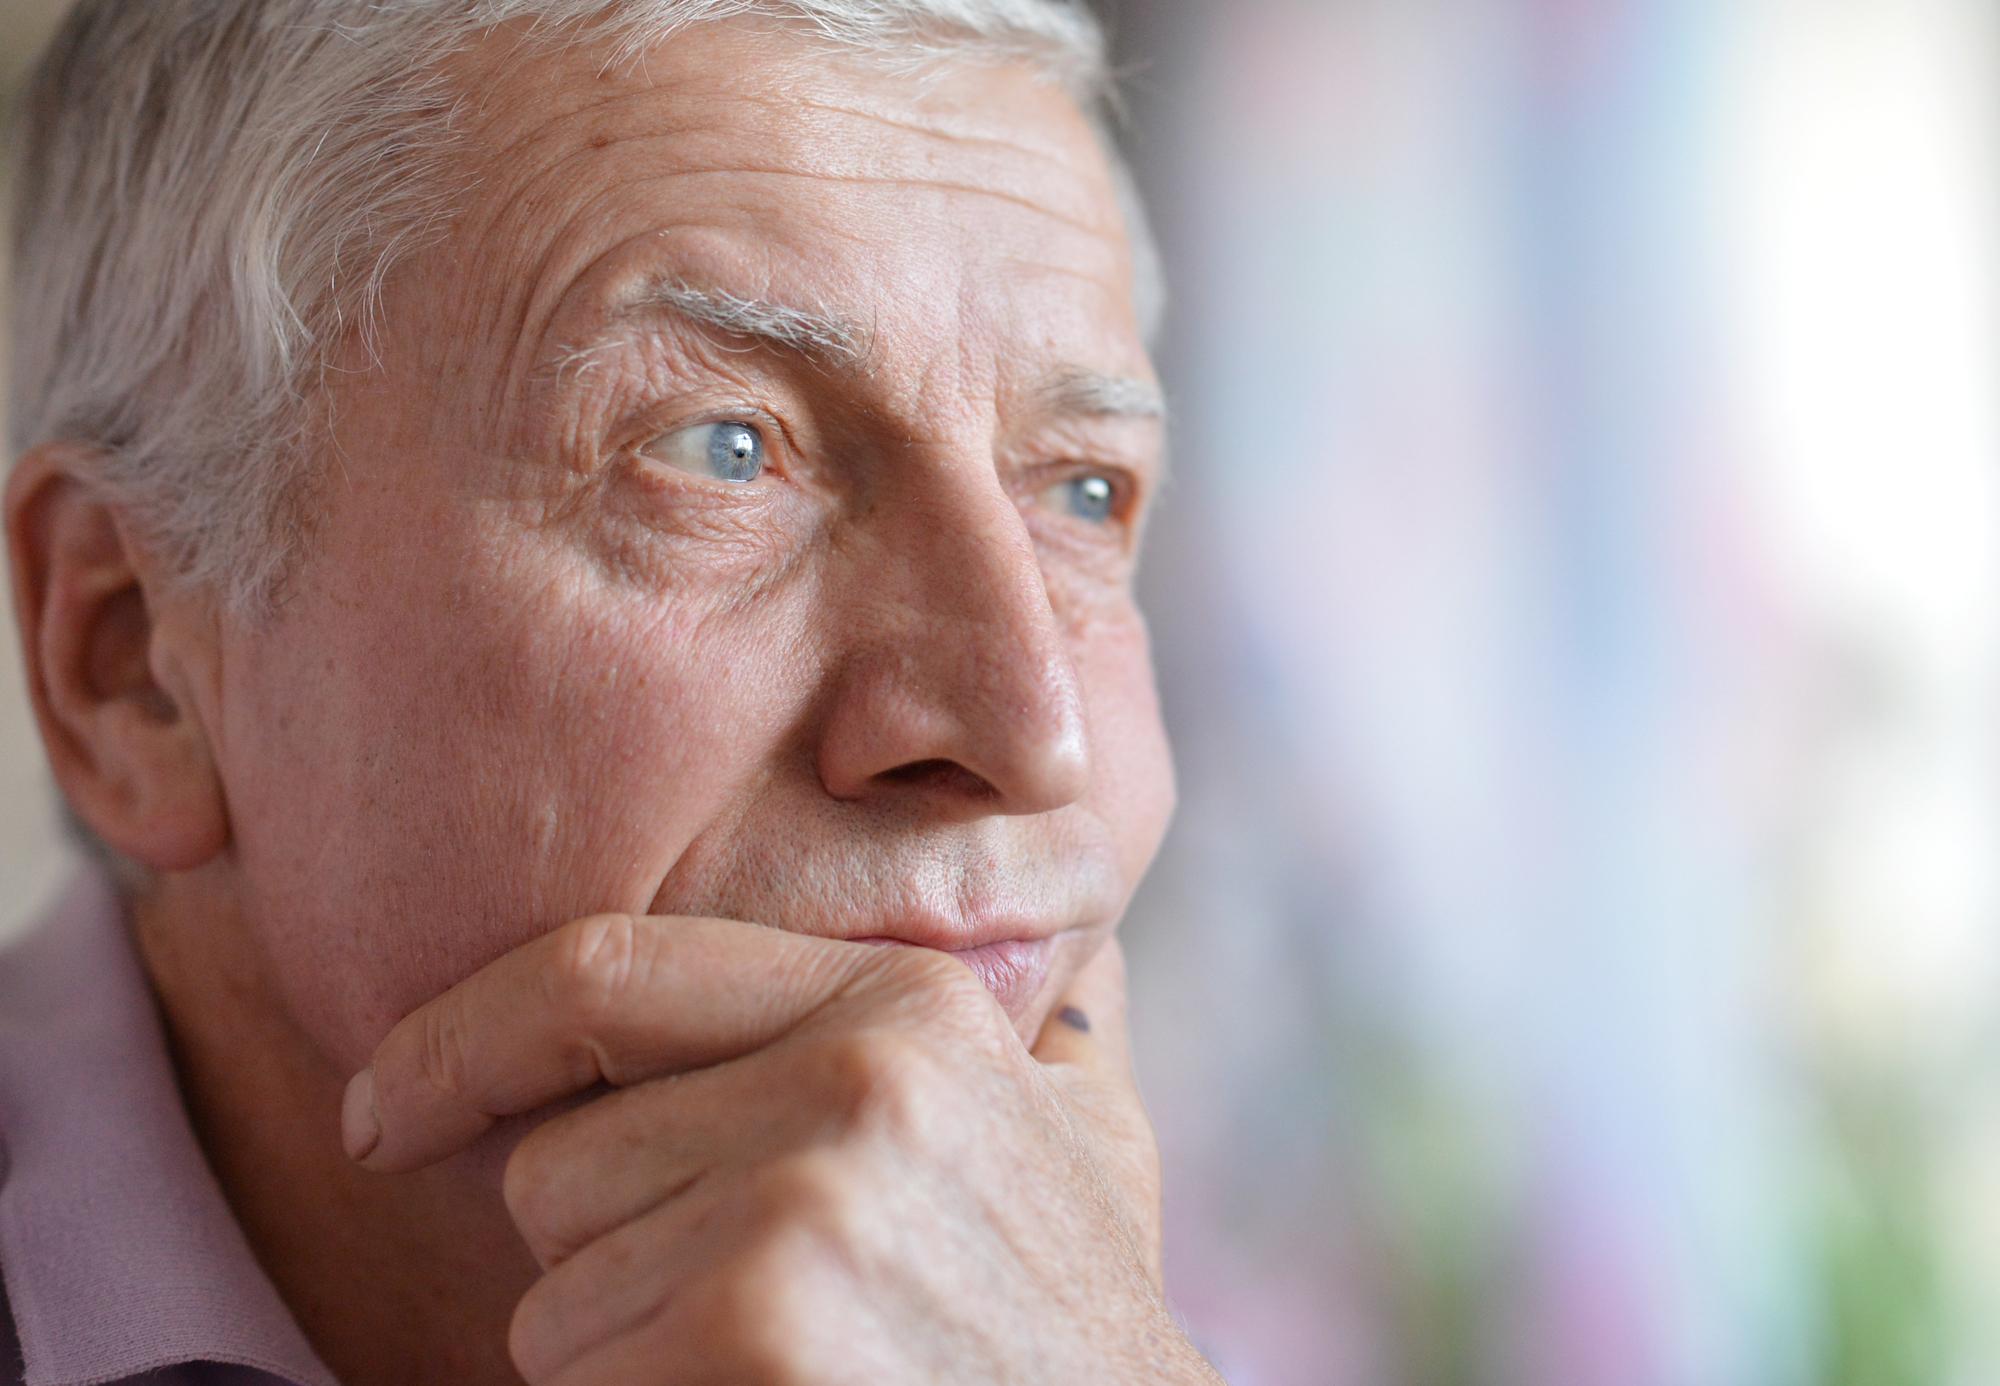 Z badania Grupy Progres wynika też, że rekrutowani kandydaci w wieku 50-60+, gdy dostaną pracę nie odchodzą z niej z dnia na dzień (fot. shutterstock)